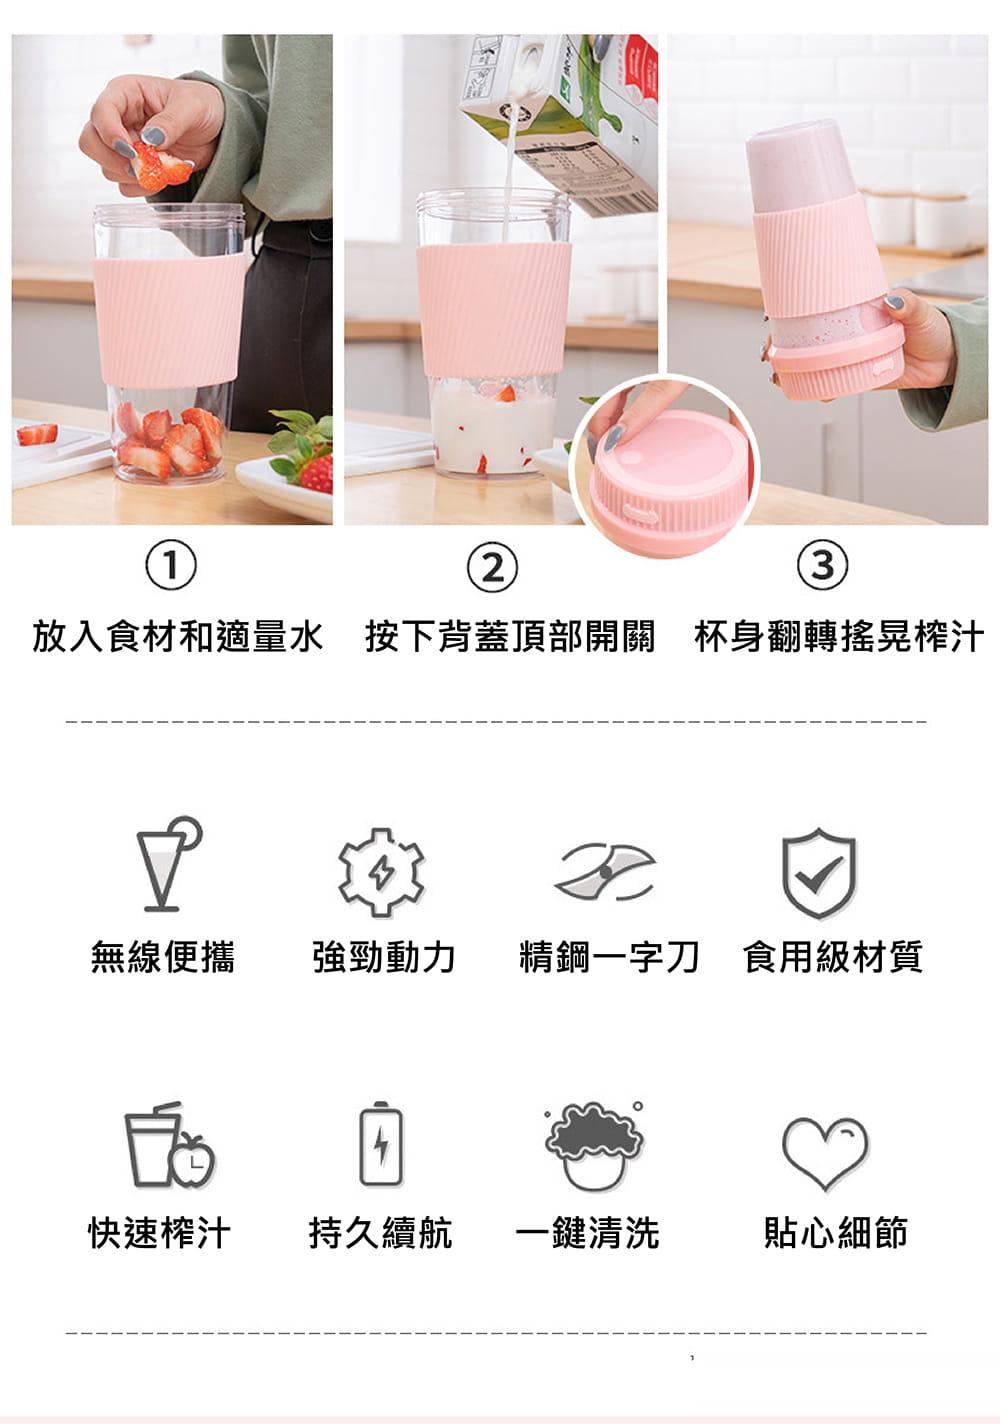 【英才星】隨身電動杯裝果汁榨汁機 3